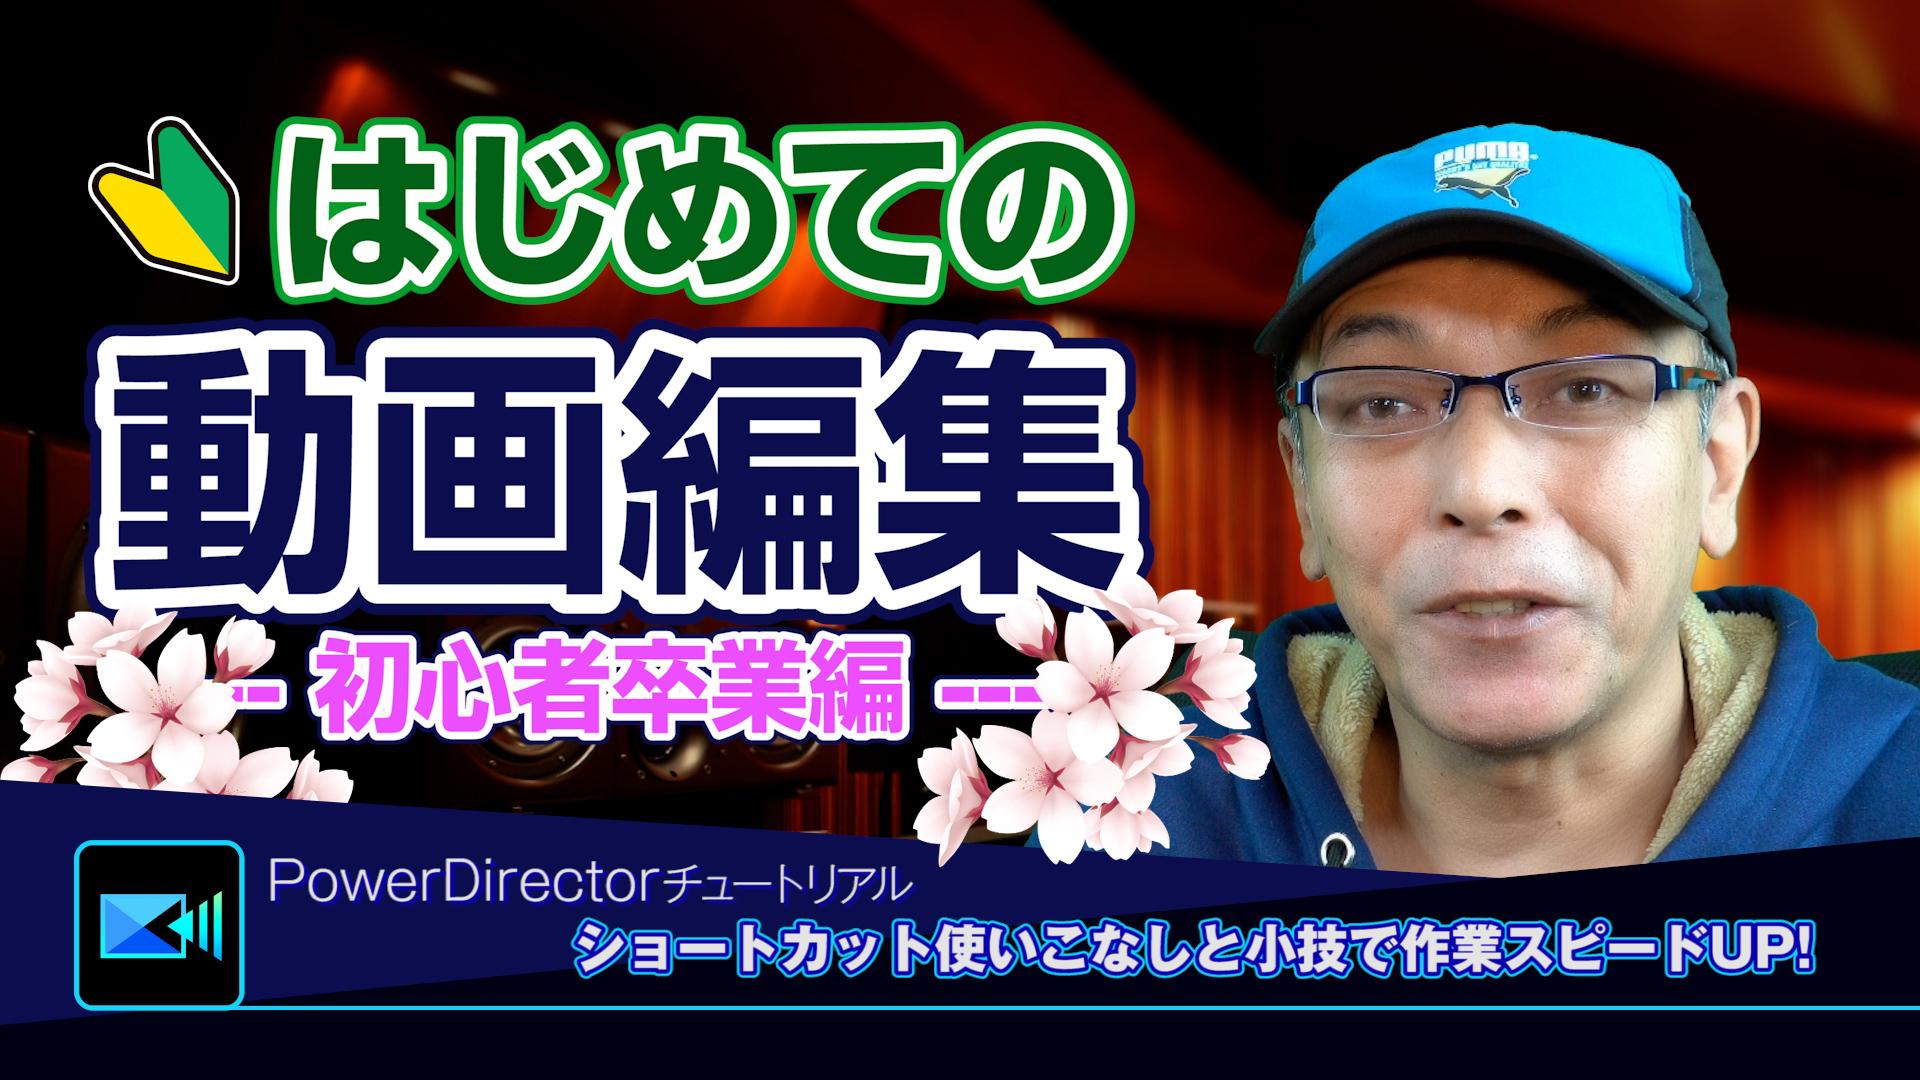 初心者さん向け:PowerDirectorを使った初めての動画編集「初心者卒業編(ショートカットや小技など)」約25分